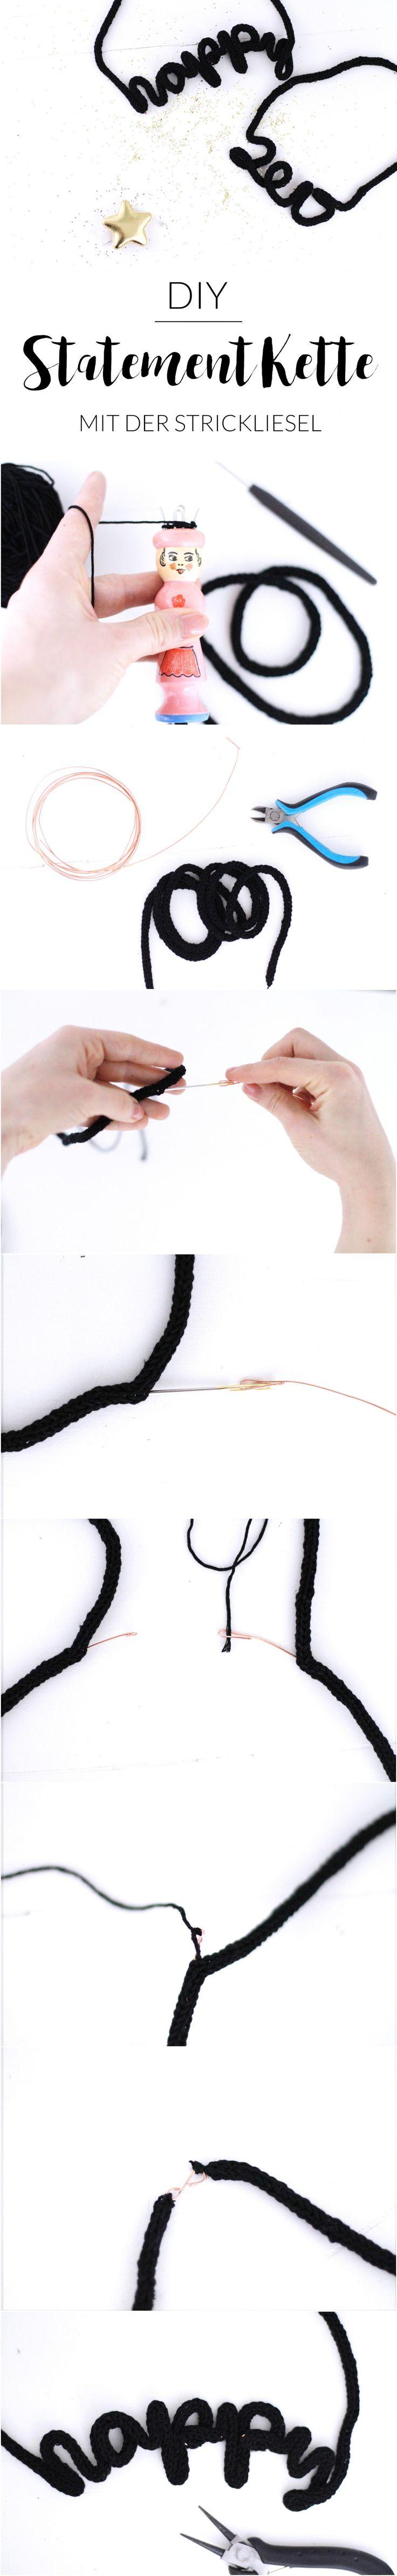 DIY Statement Kette mit der Strickliesel | Strickliesel Ideen | Schmuck selber machen | selbst gemachter Schmuck | paulsvera